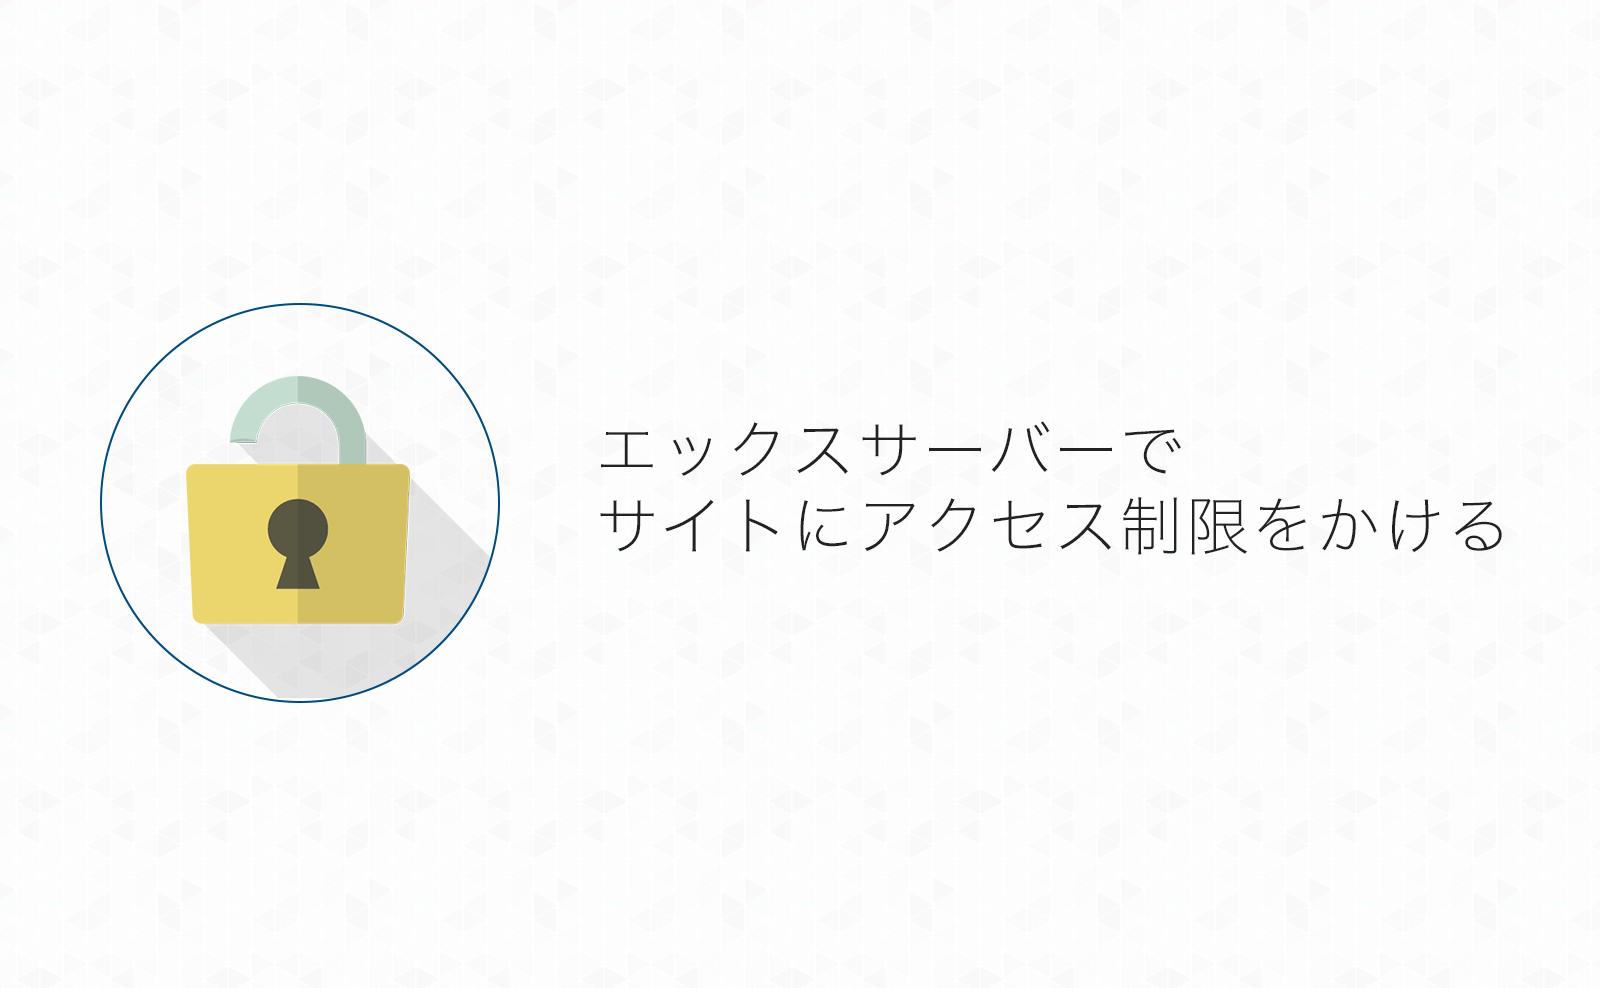 エックスサーバーでサイトにアクセス制限(Basic認証)をかける方法